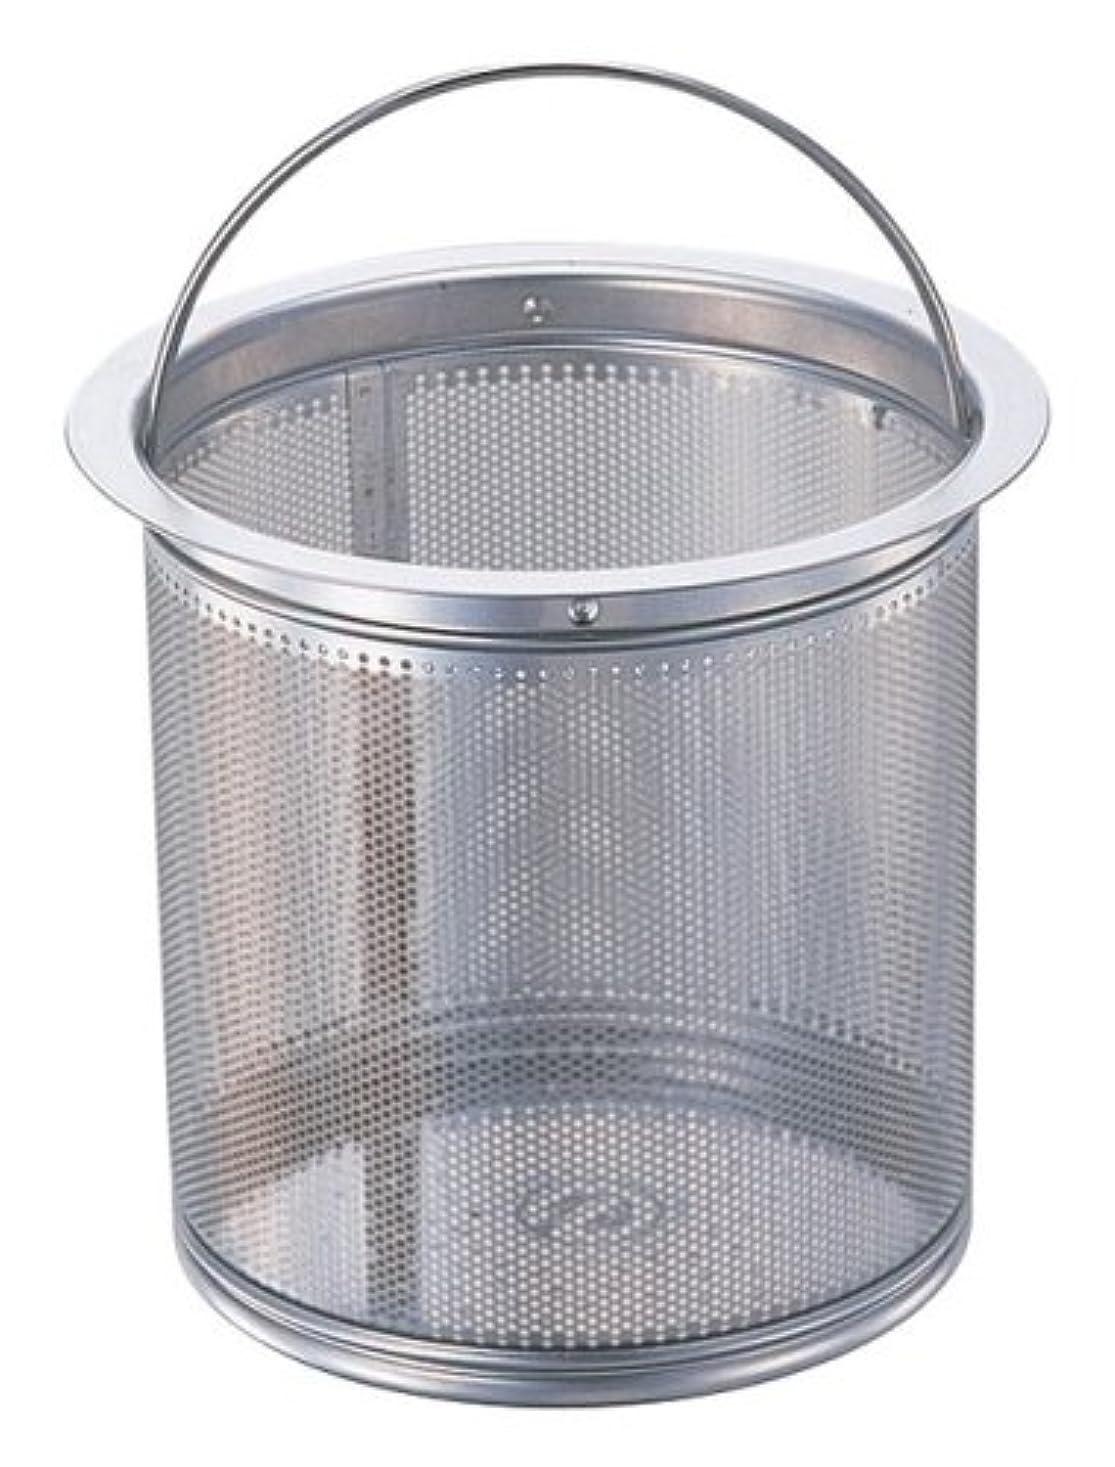 しかしながら委任主要な佐野機工 純銅バスケット -浅型- 溜まったゴミが捨てやすいタイプ